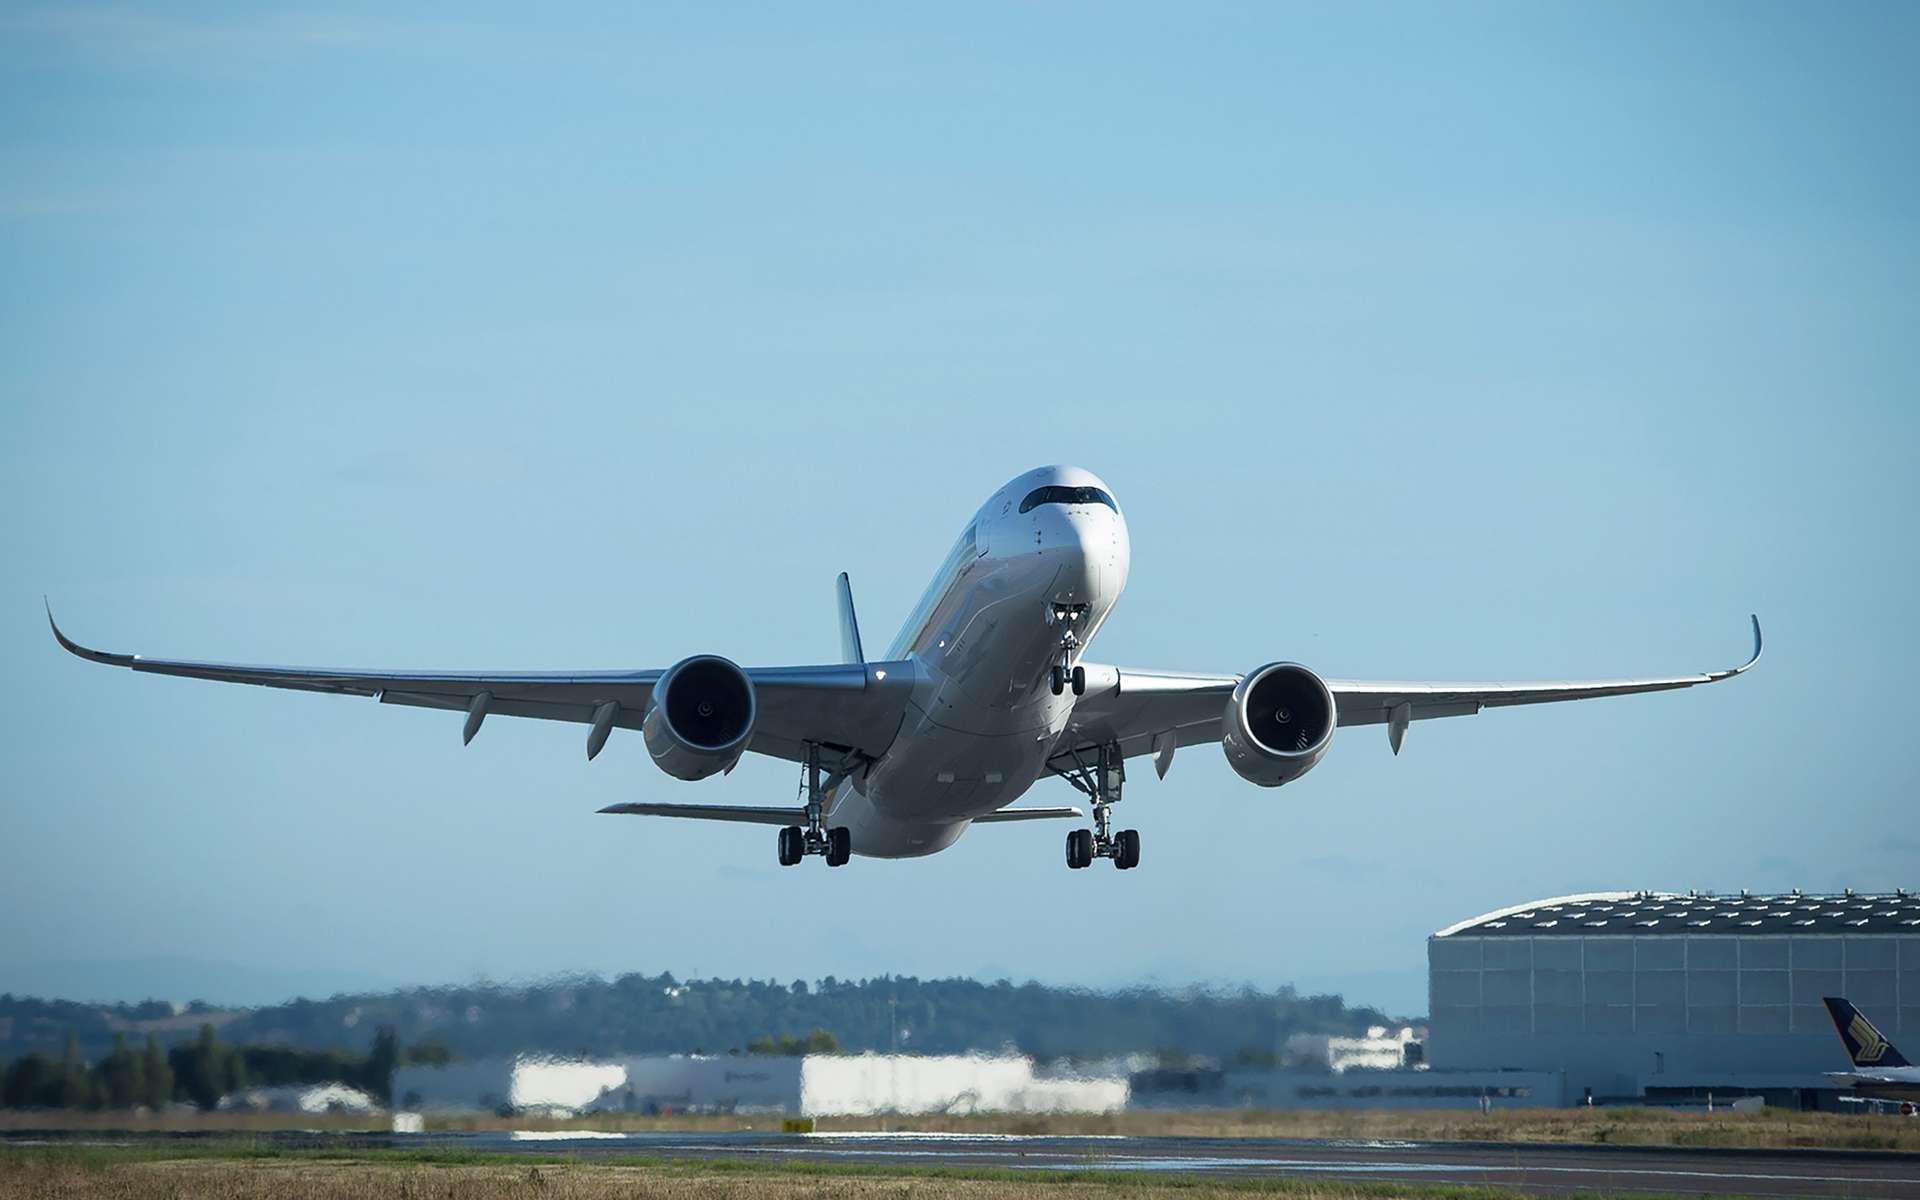 L'A 350-900 ULR de Singapore Airlines quitte l'usine d'Airbus de Toulouse pour rejoindre la flotte de la compagnie aérienne Singapor Airlines. © Airbus, A. Doumenjou, Master Films